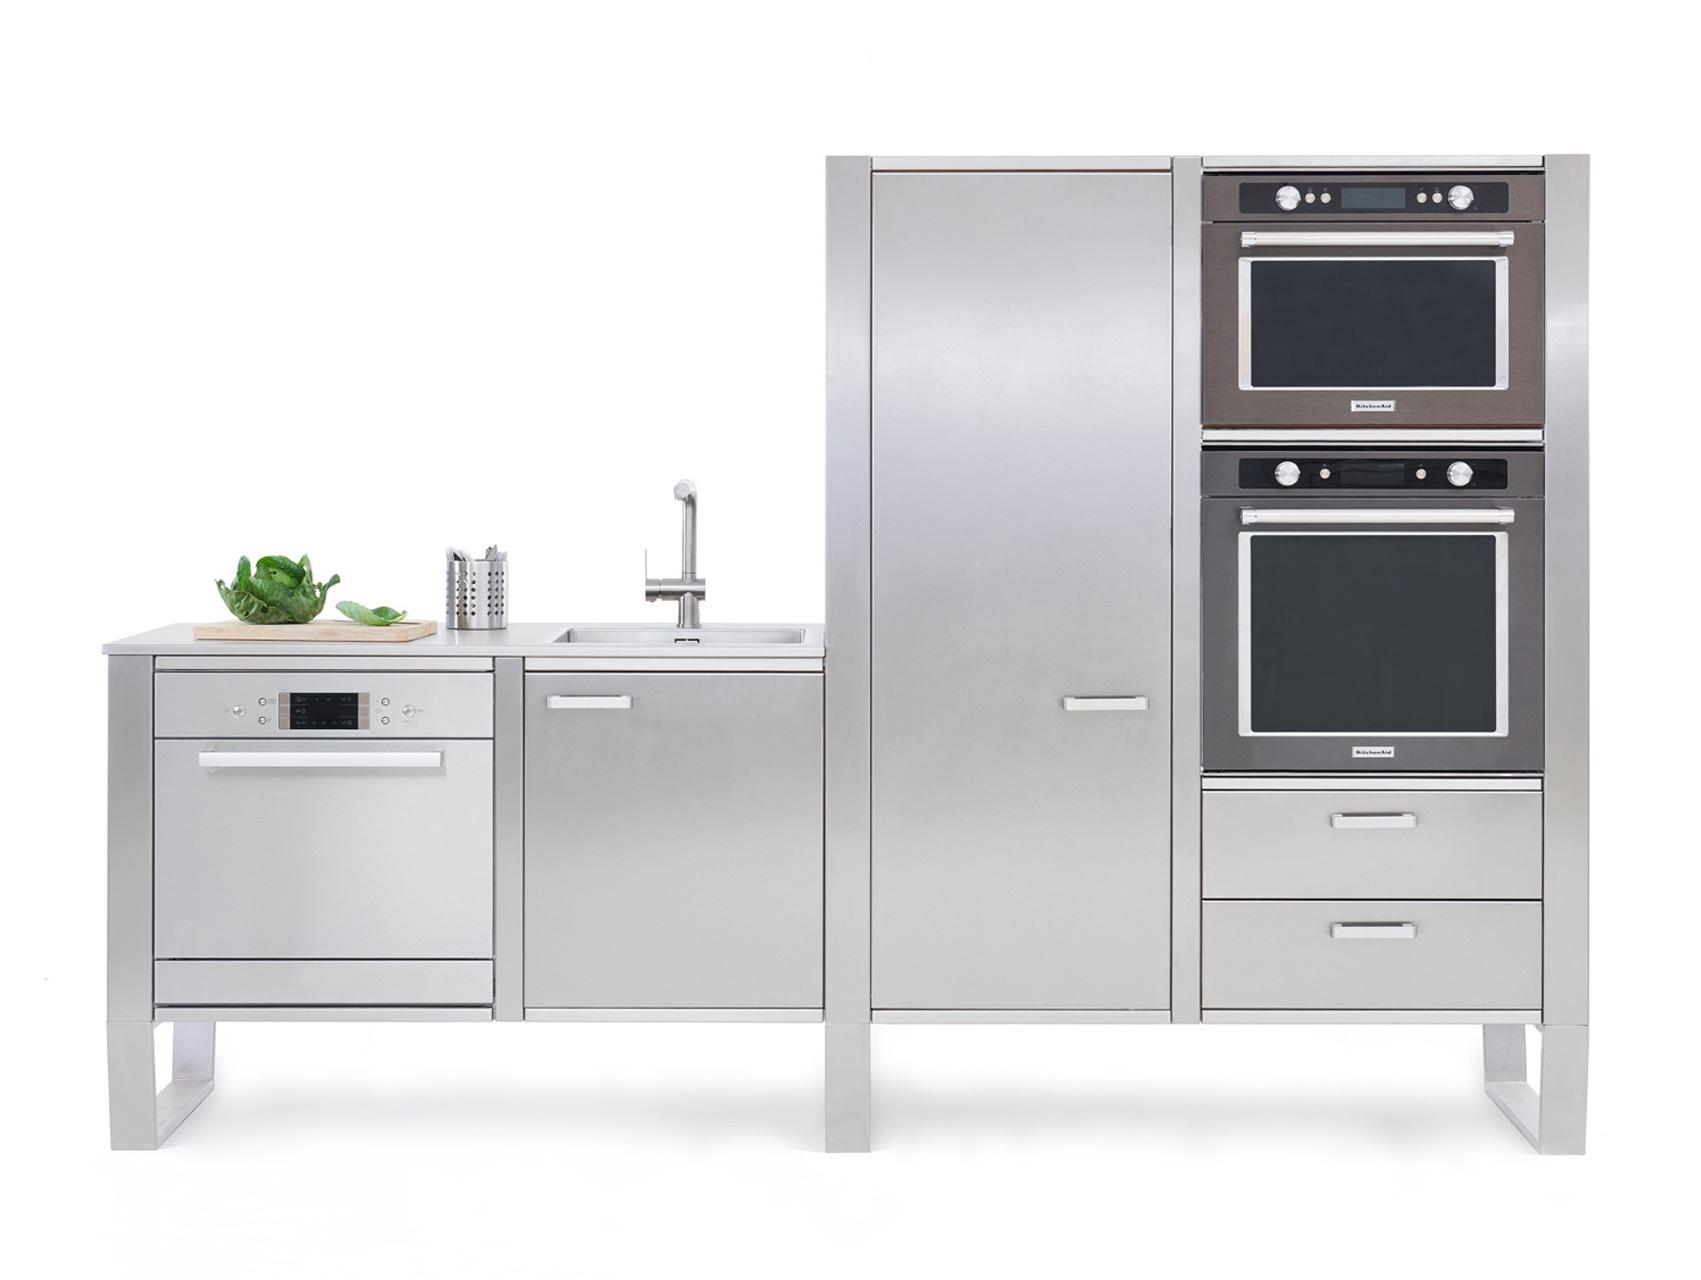 Cucine in Acciaio UP WINDOW Modulo C2 Homemobile